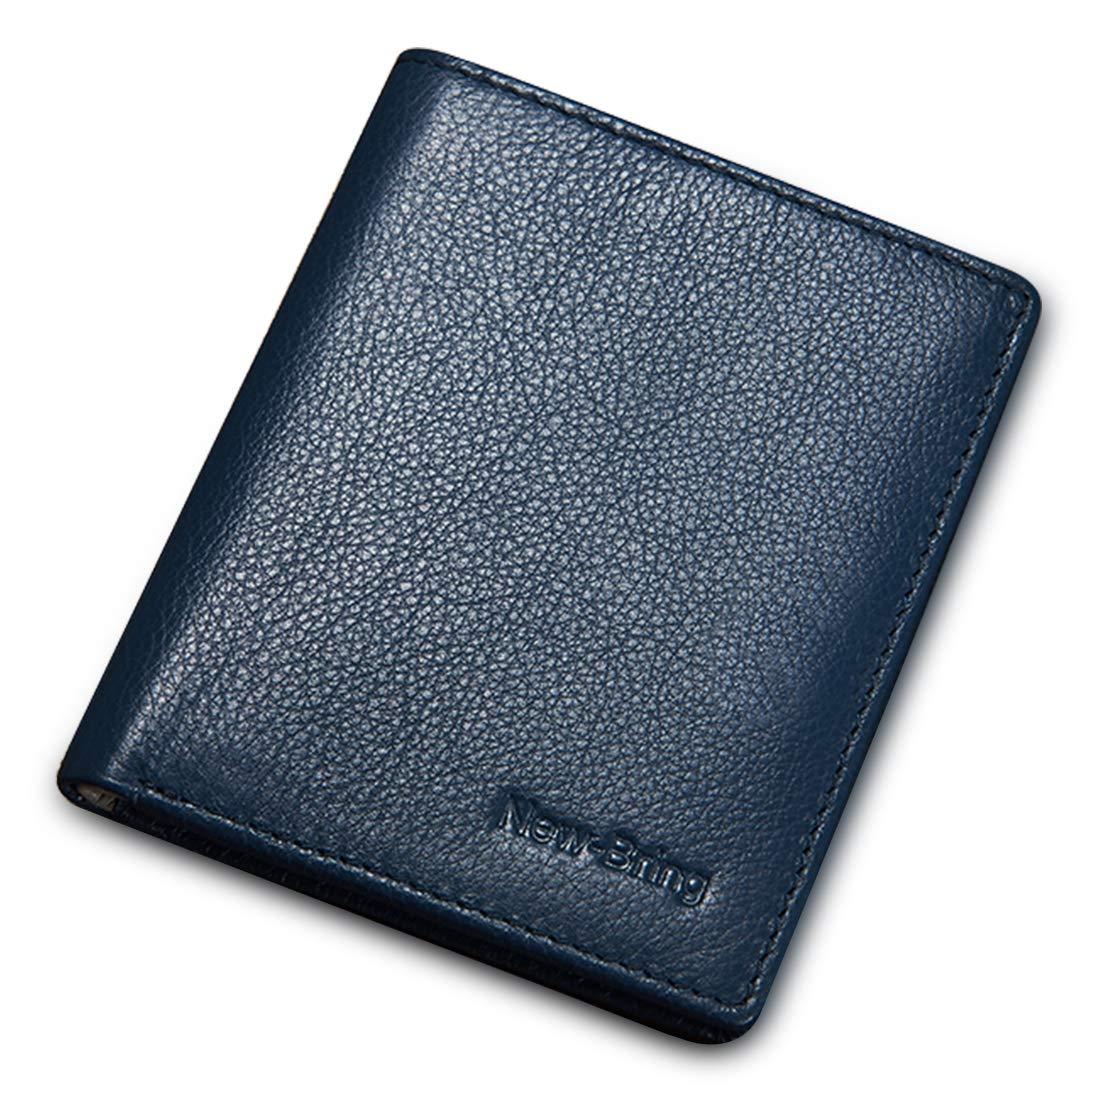 NewBring Men's Genuine Leather Travel Wallet for Men Bifold Slim Minimalist Front Pocket Card Holder (blue)